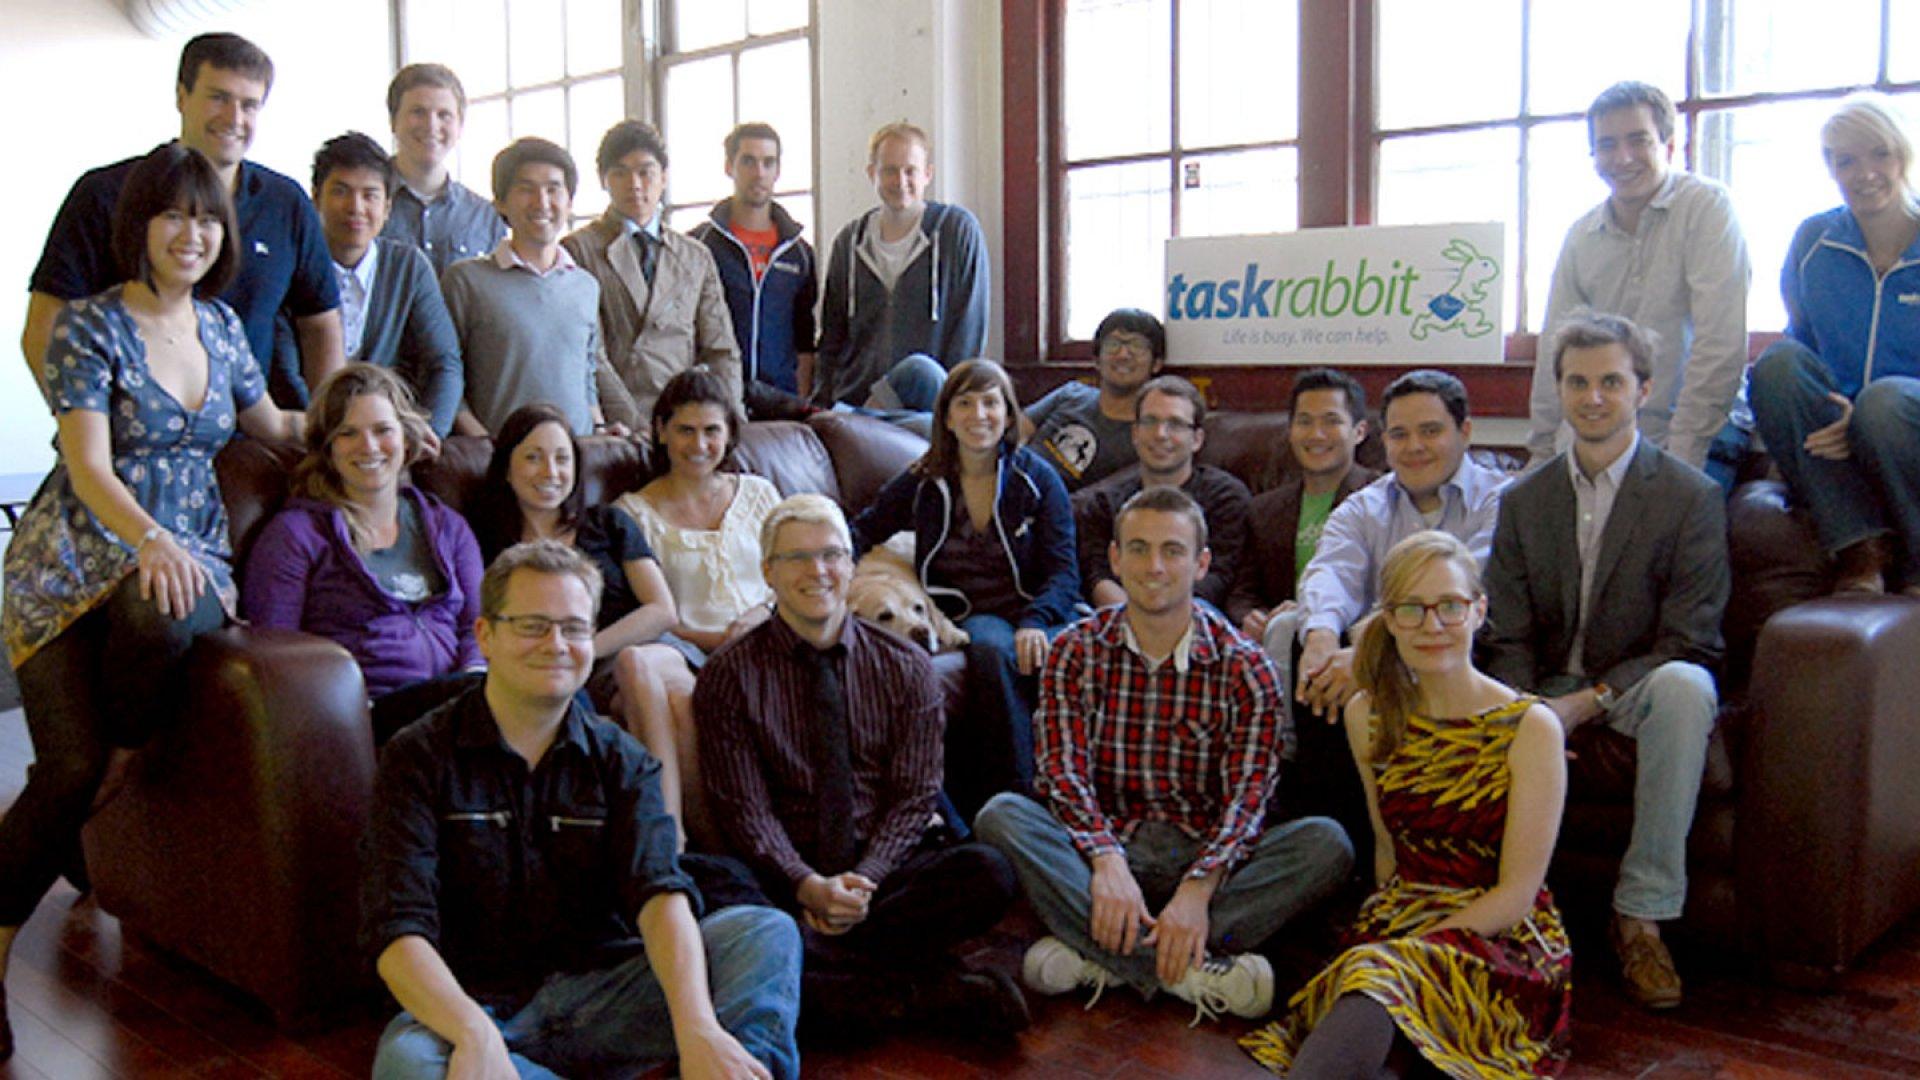 The team at TaskRabbit.